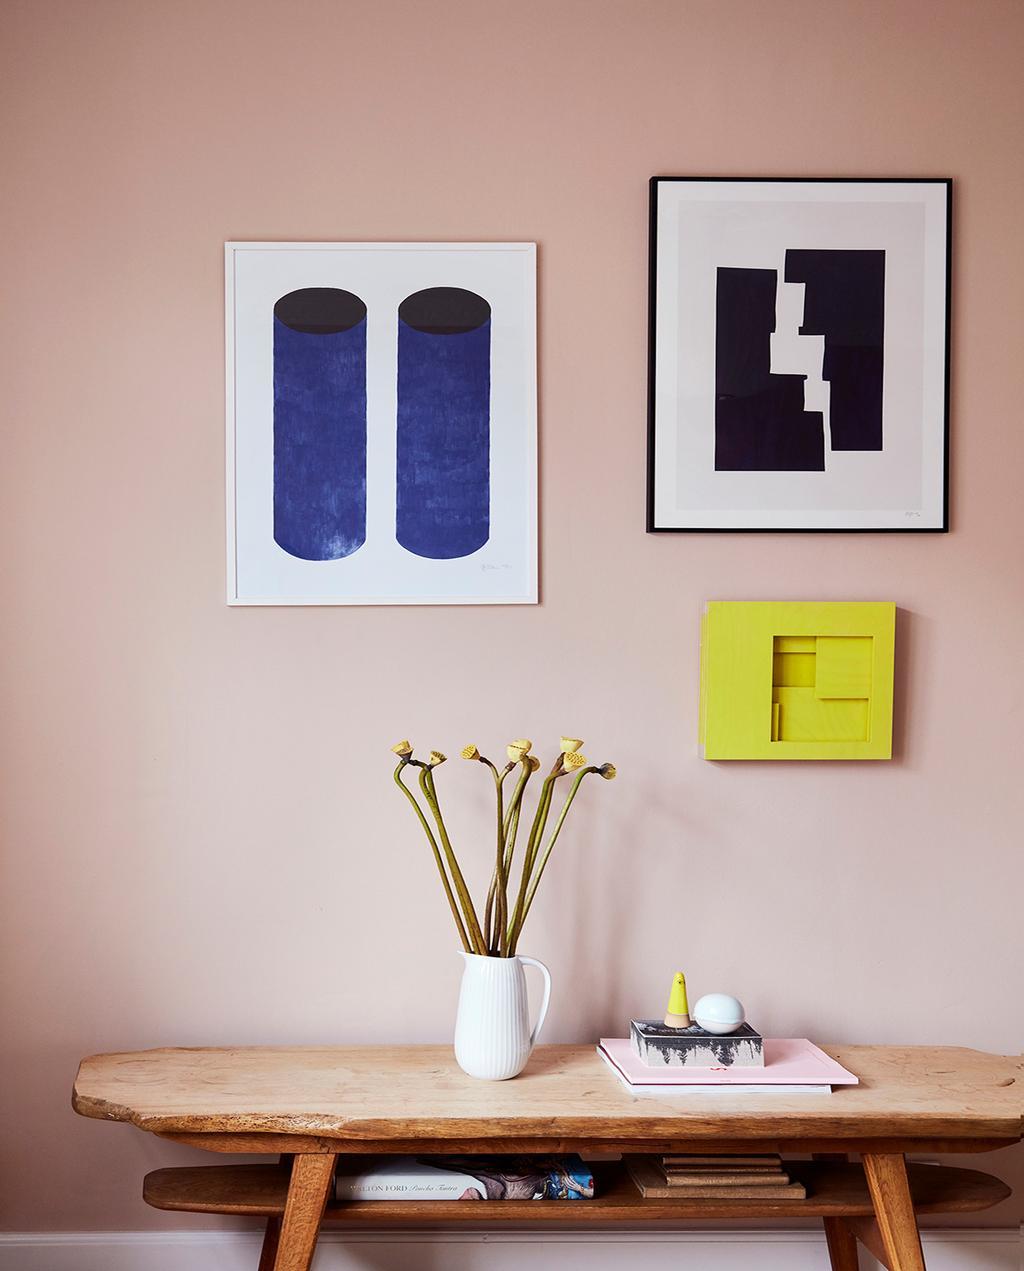 vtwonen 02-2021 | kleur aan muur door kunst, met tafel en bloem